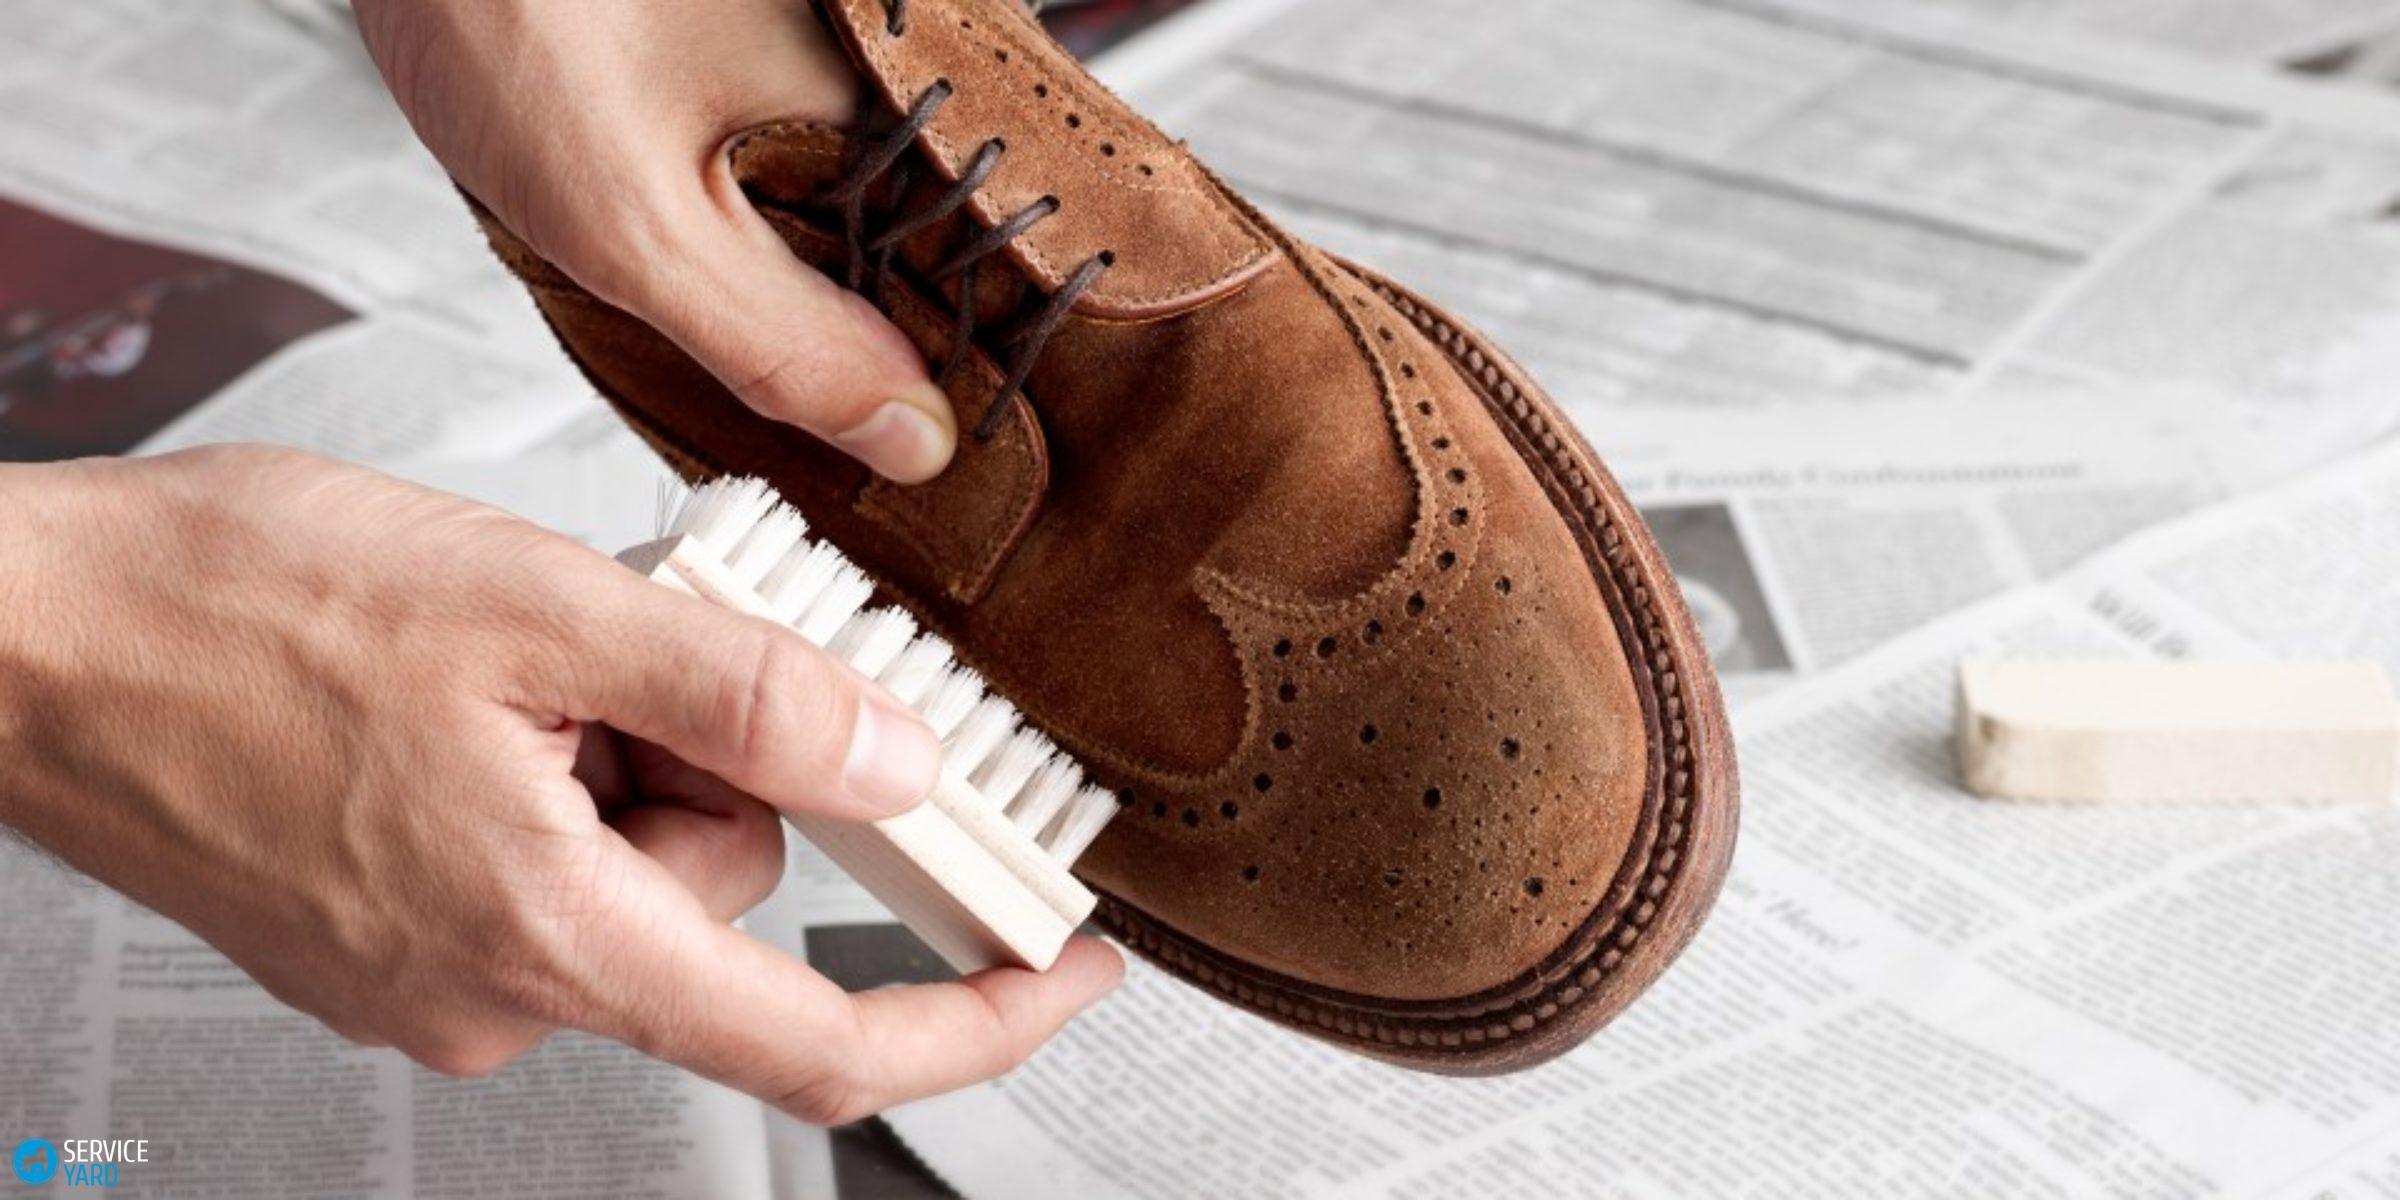 Как почистить замшевую обувь в домашних условиях. Видео 36